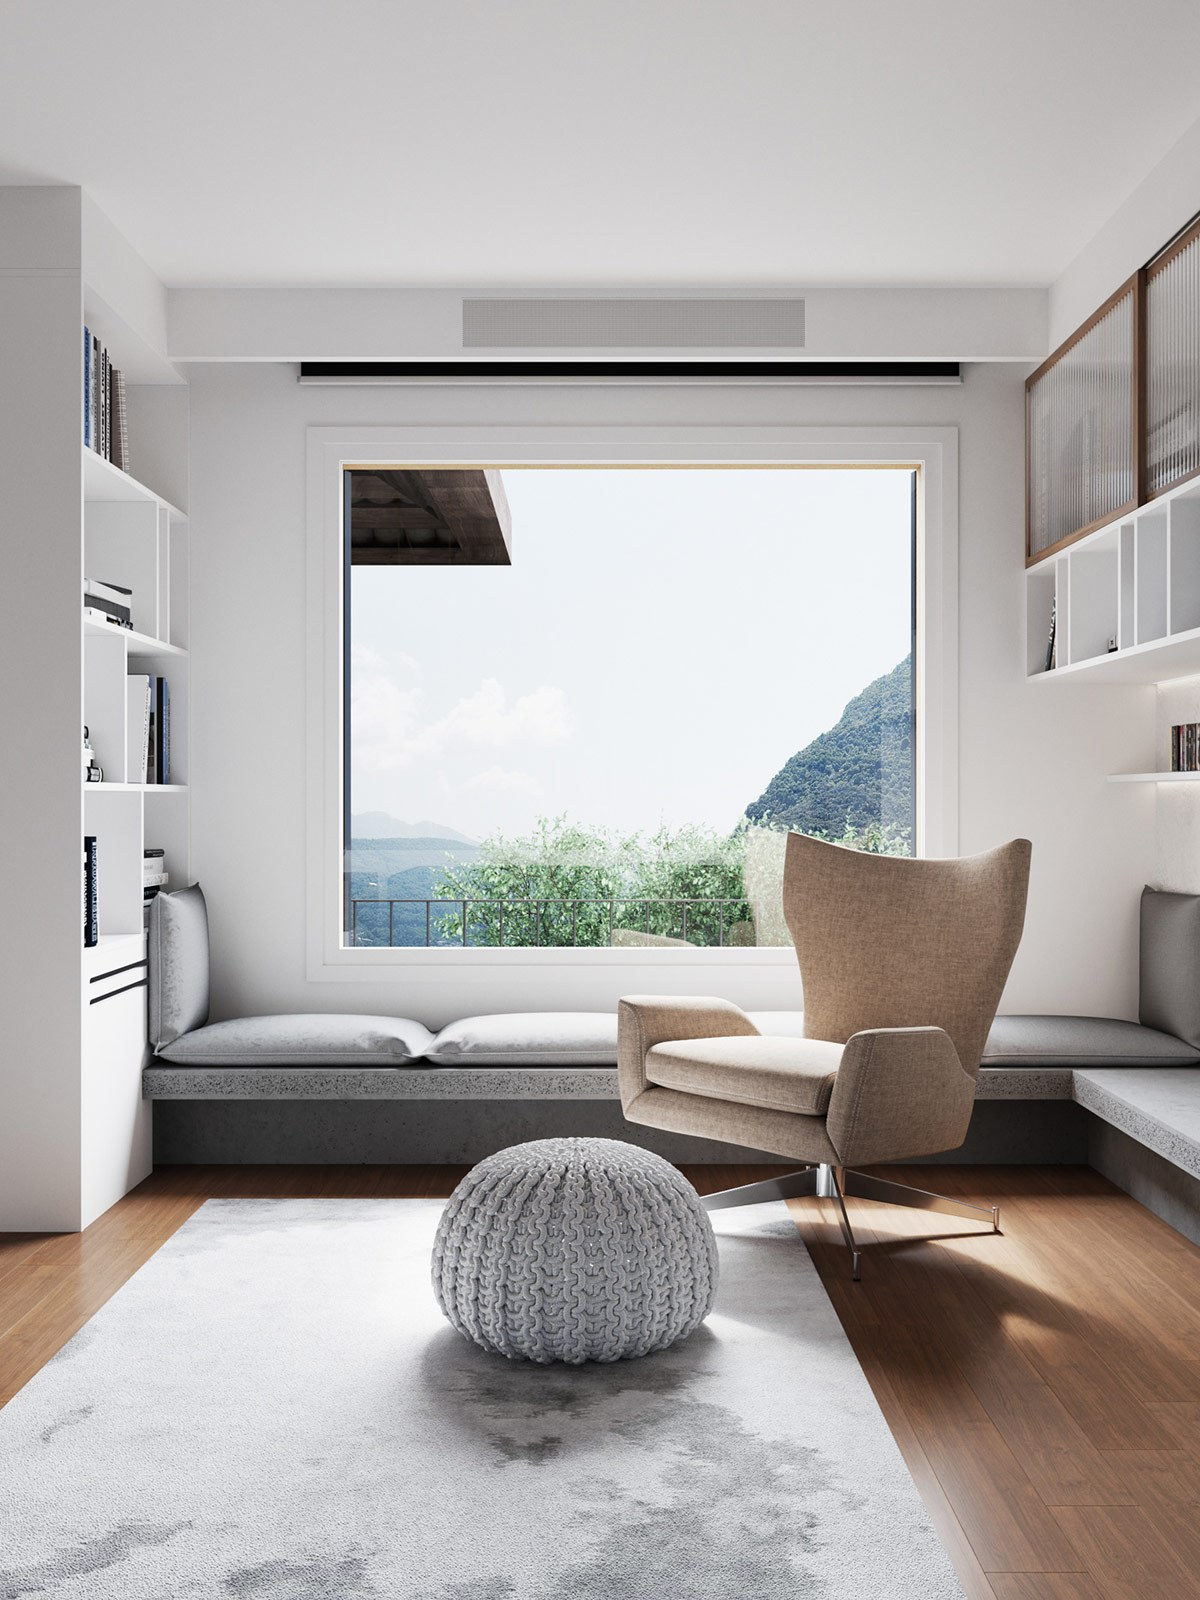 Thiết kế nội thất chung cư phòng khách phong cách tối giản